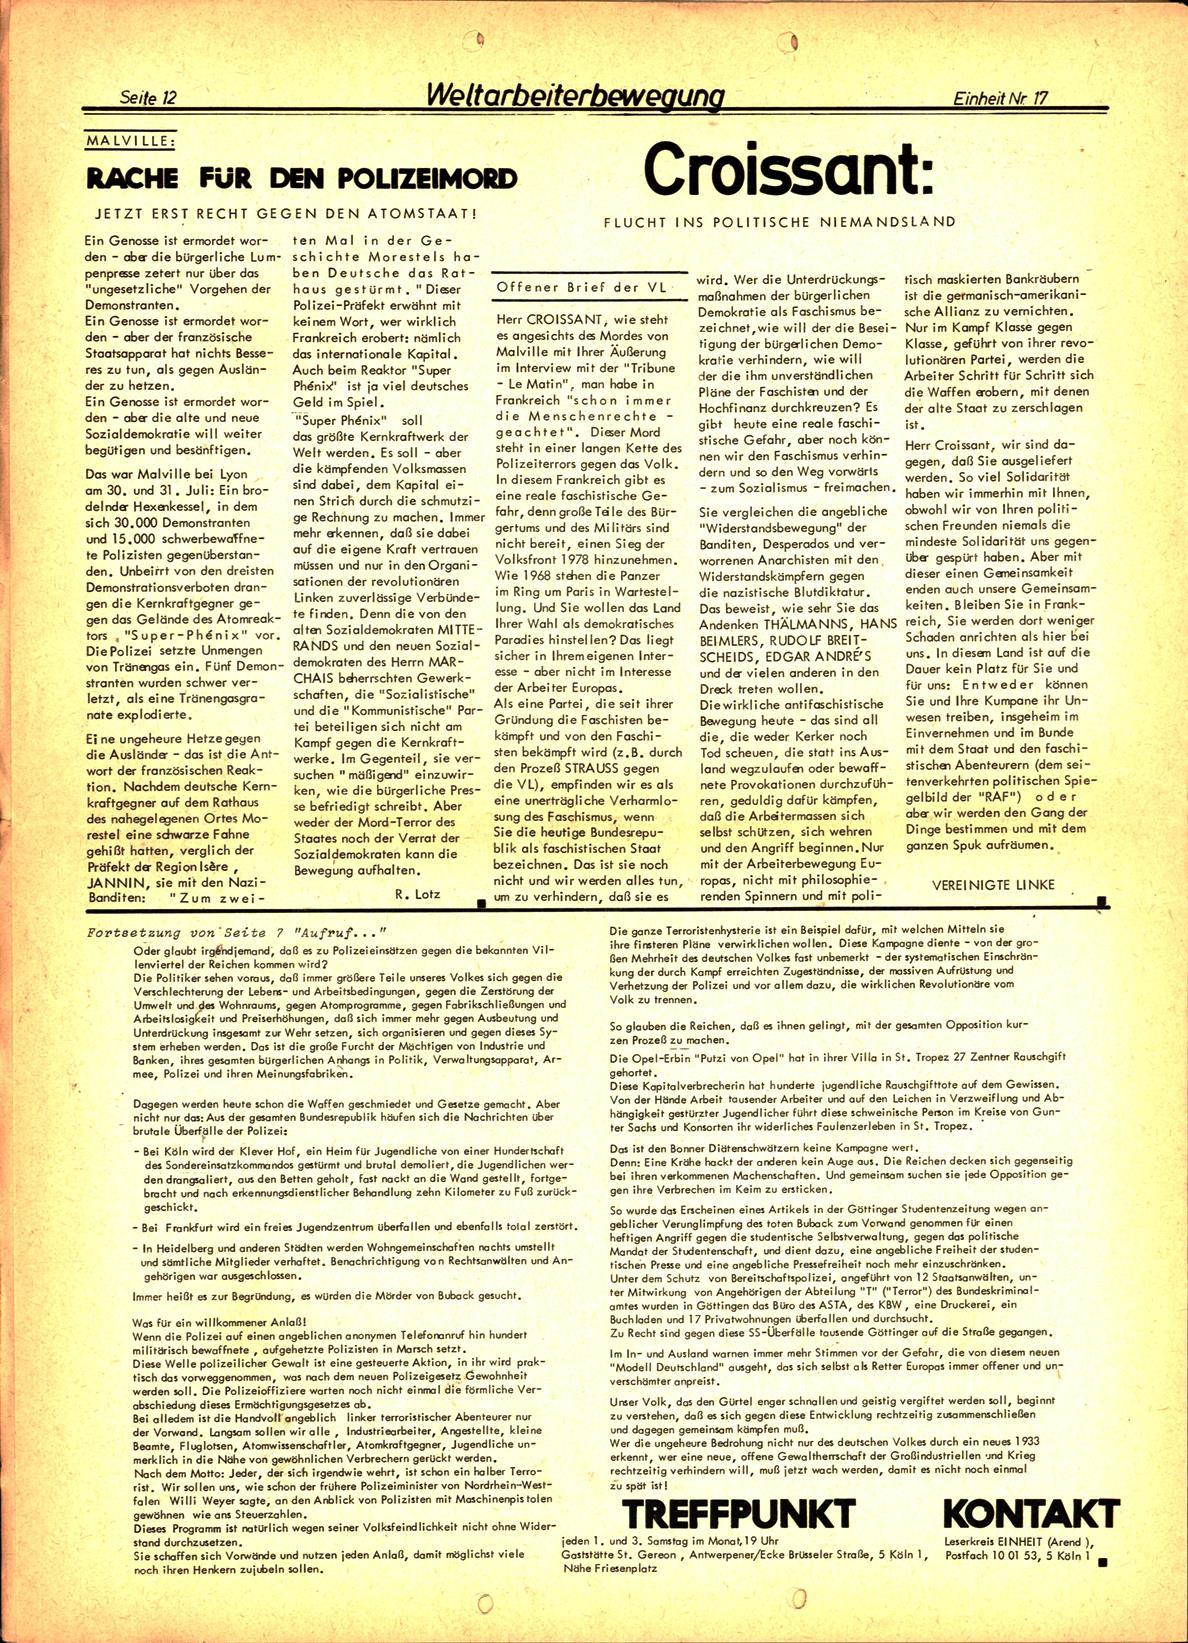 Koeln_IPdA_Einheit_1977_017_012